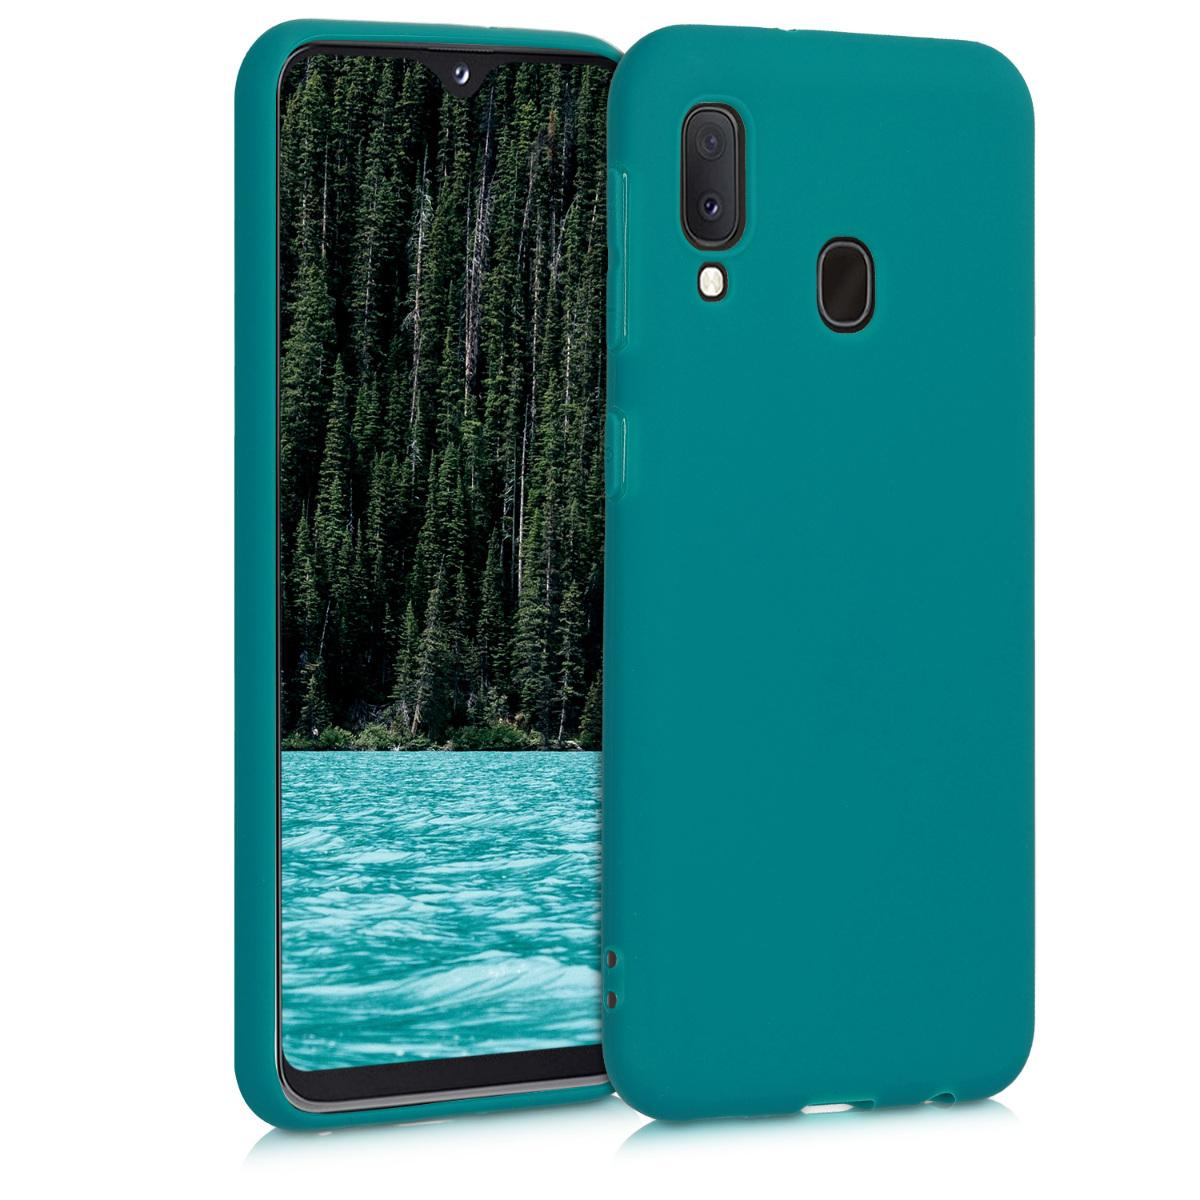 Kvalitní silikonové TPU pouzdro pro Samsung A20e - Teal matné